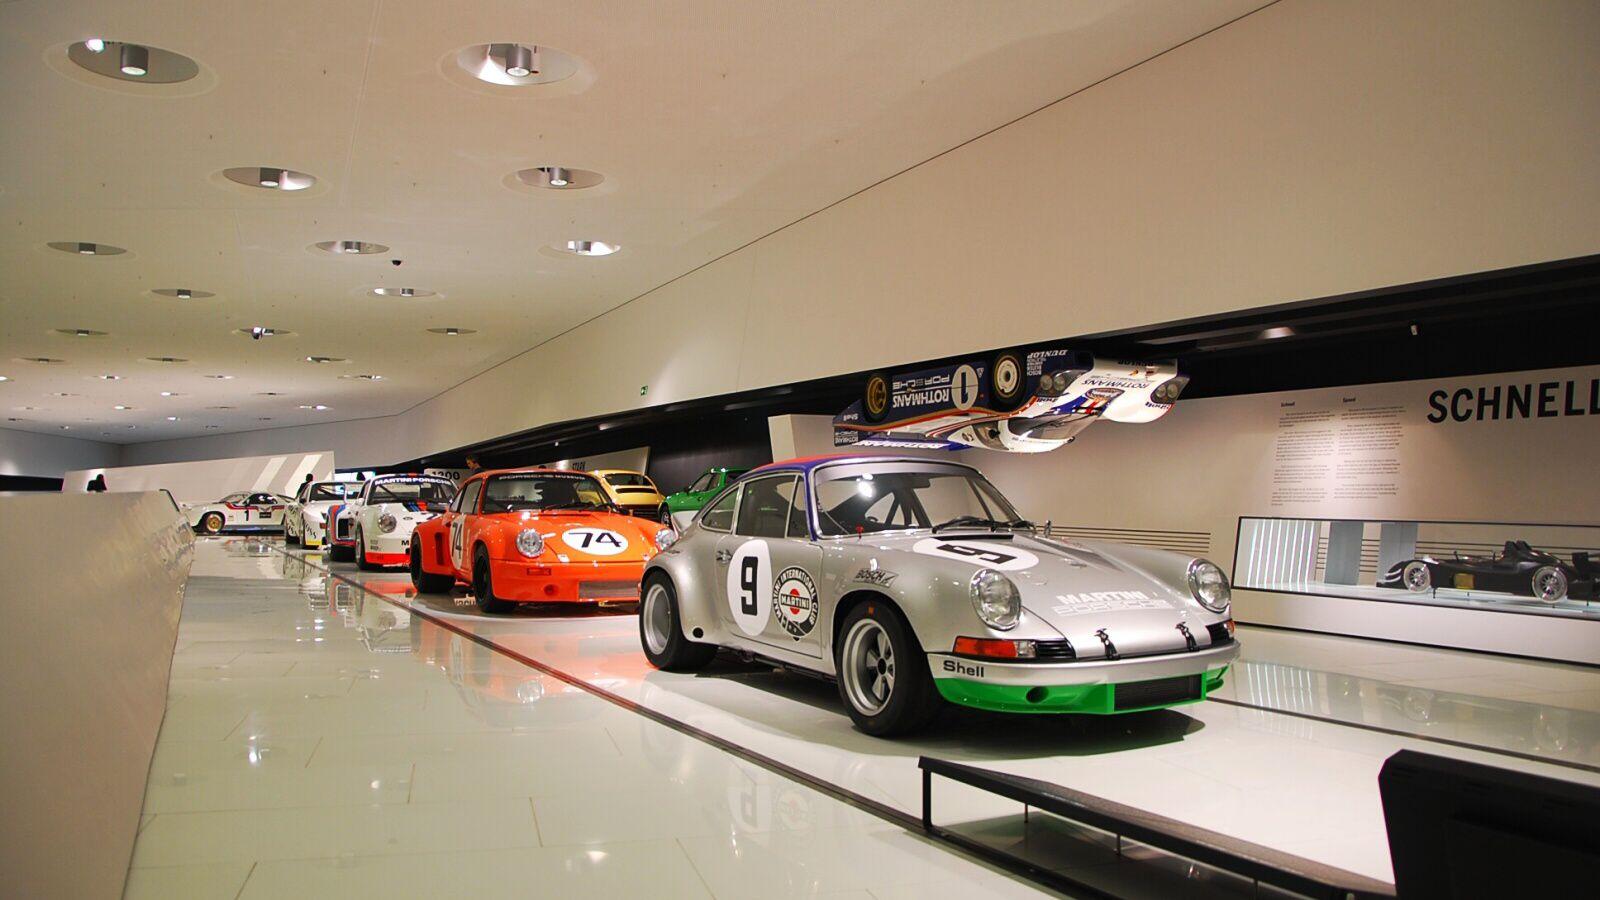 Několik závodních vozů 911 v řadě